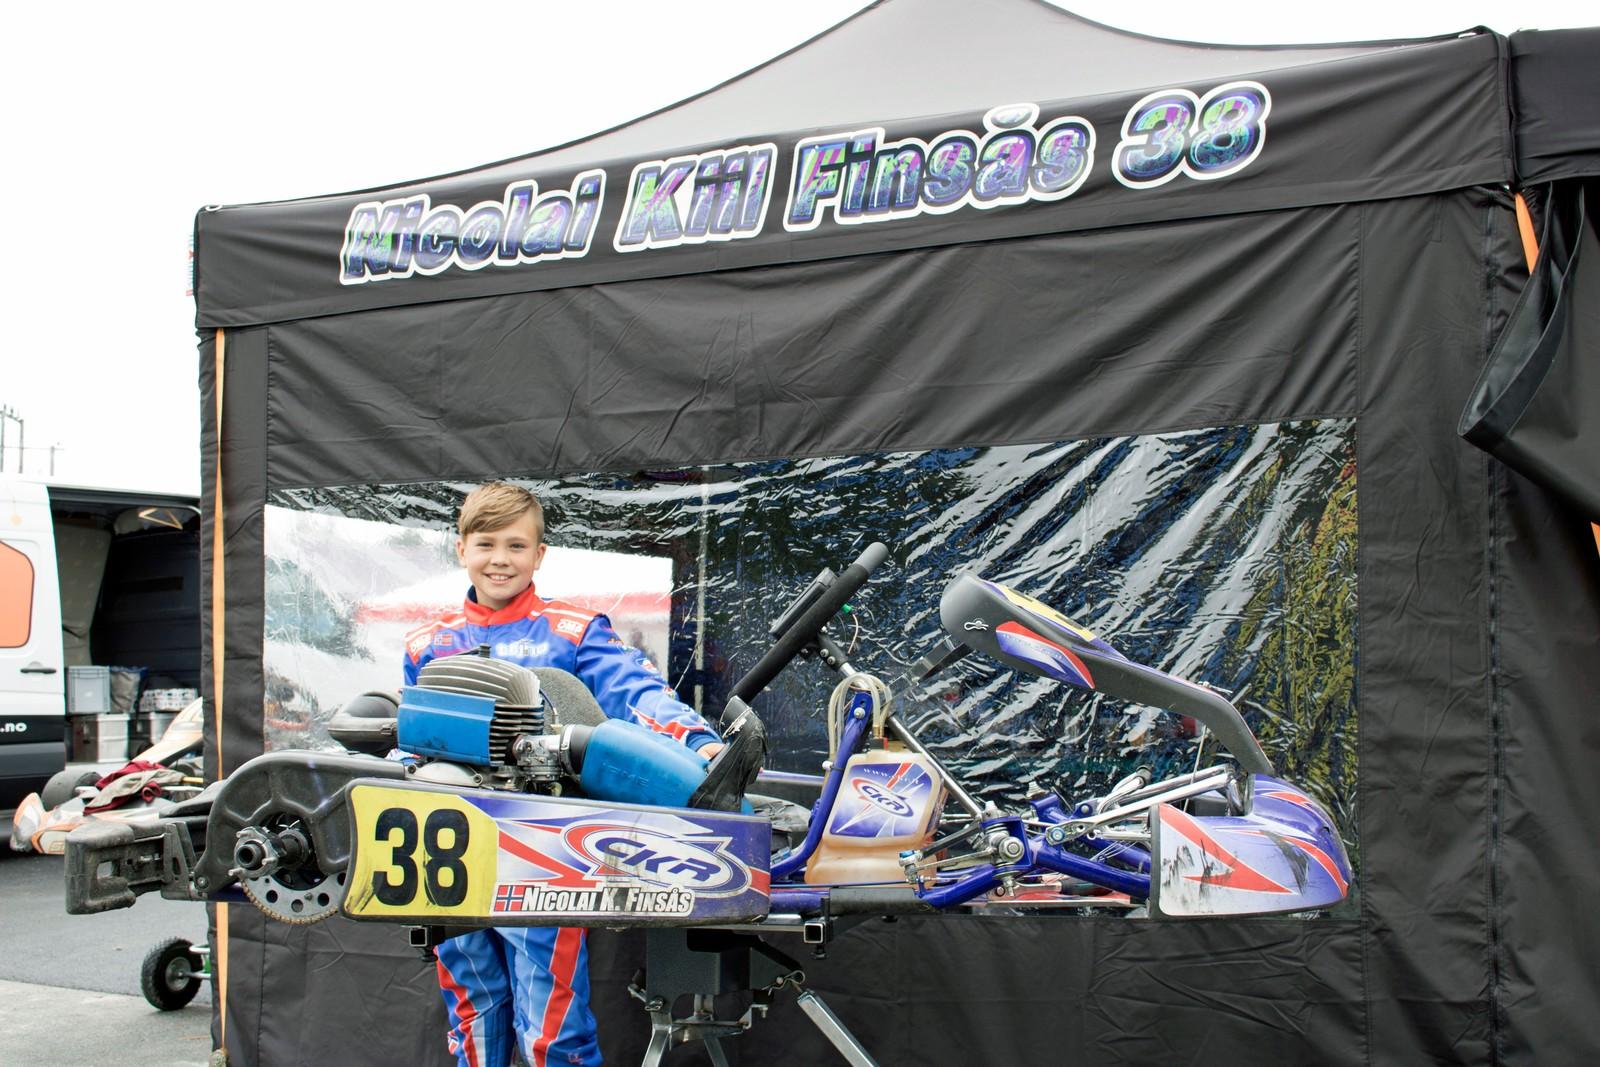 SATSAR: Nicolai Kiil Finsås (11) frå CKR Racing køyrde inn til 3. plass i sin klasse - Mini Gruppe A.